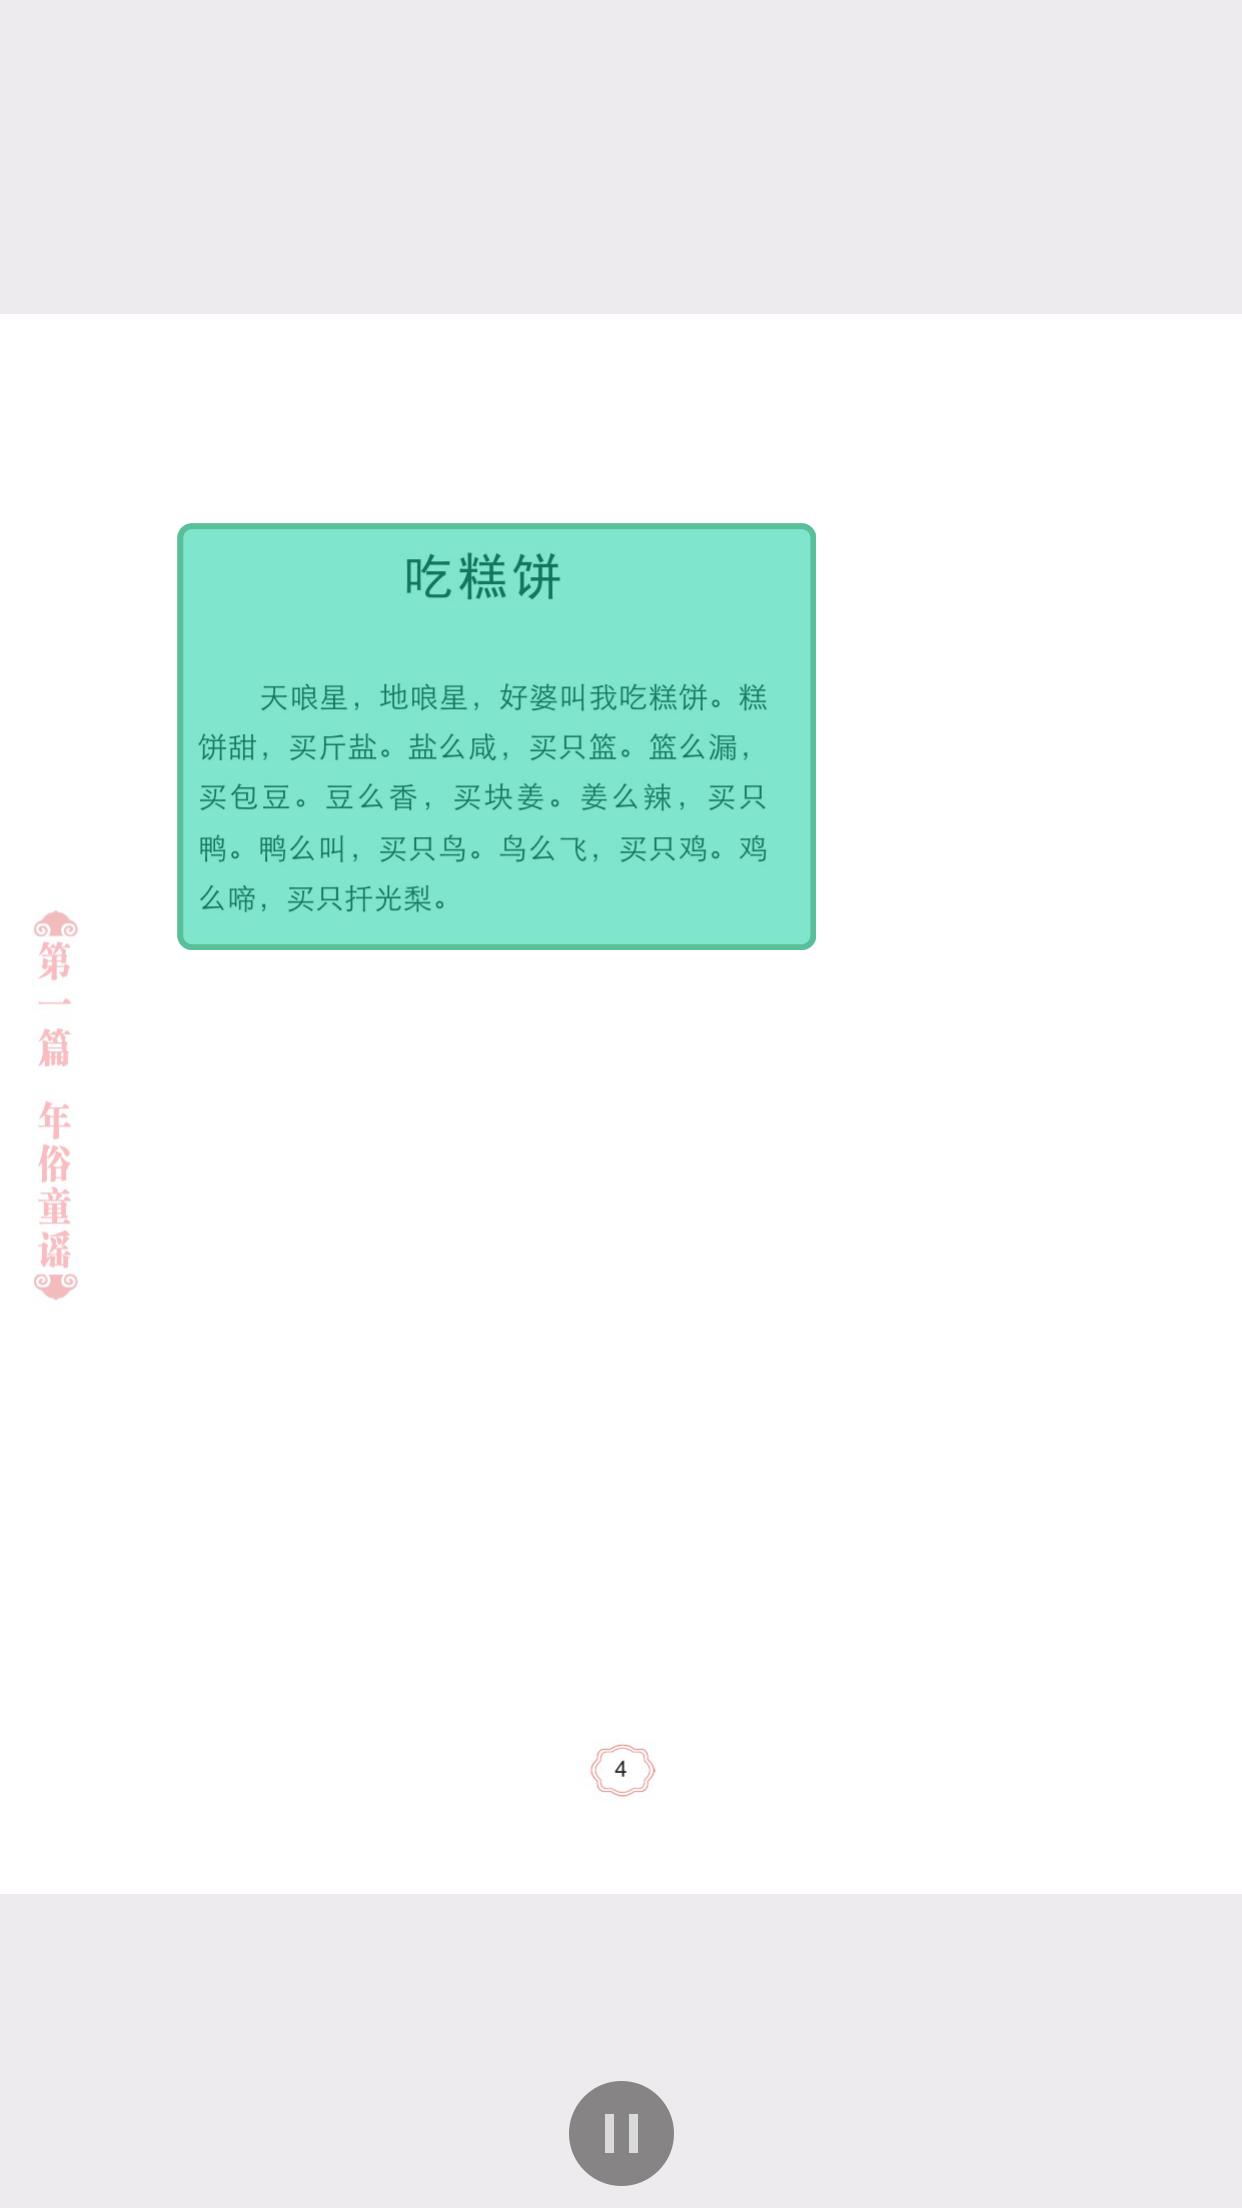 苏州童谣 V2.41.013 安卓版截图2